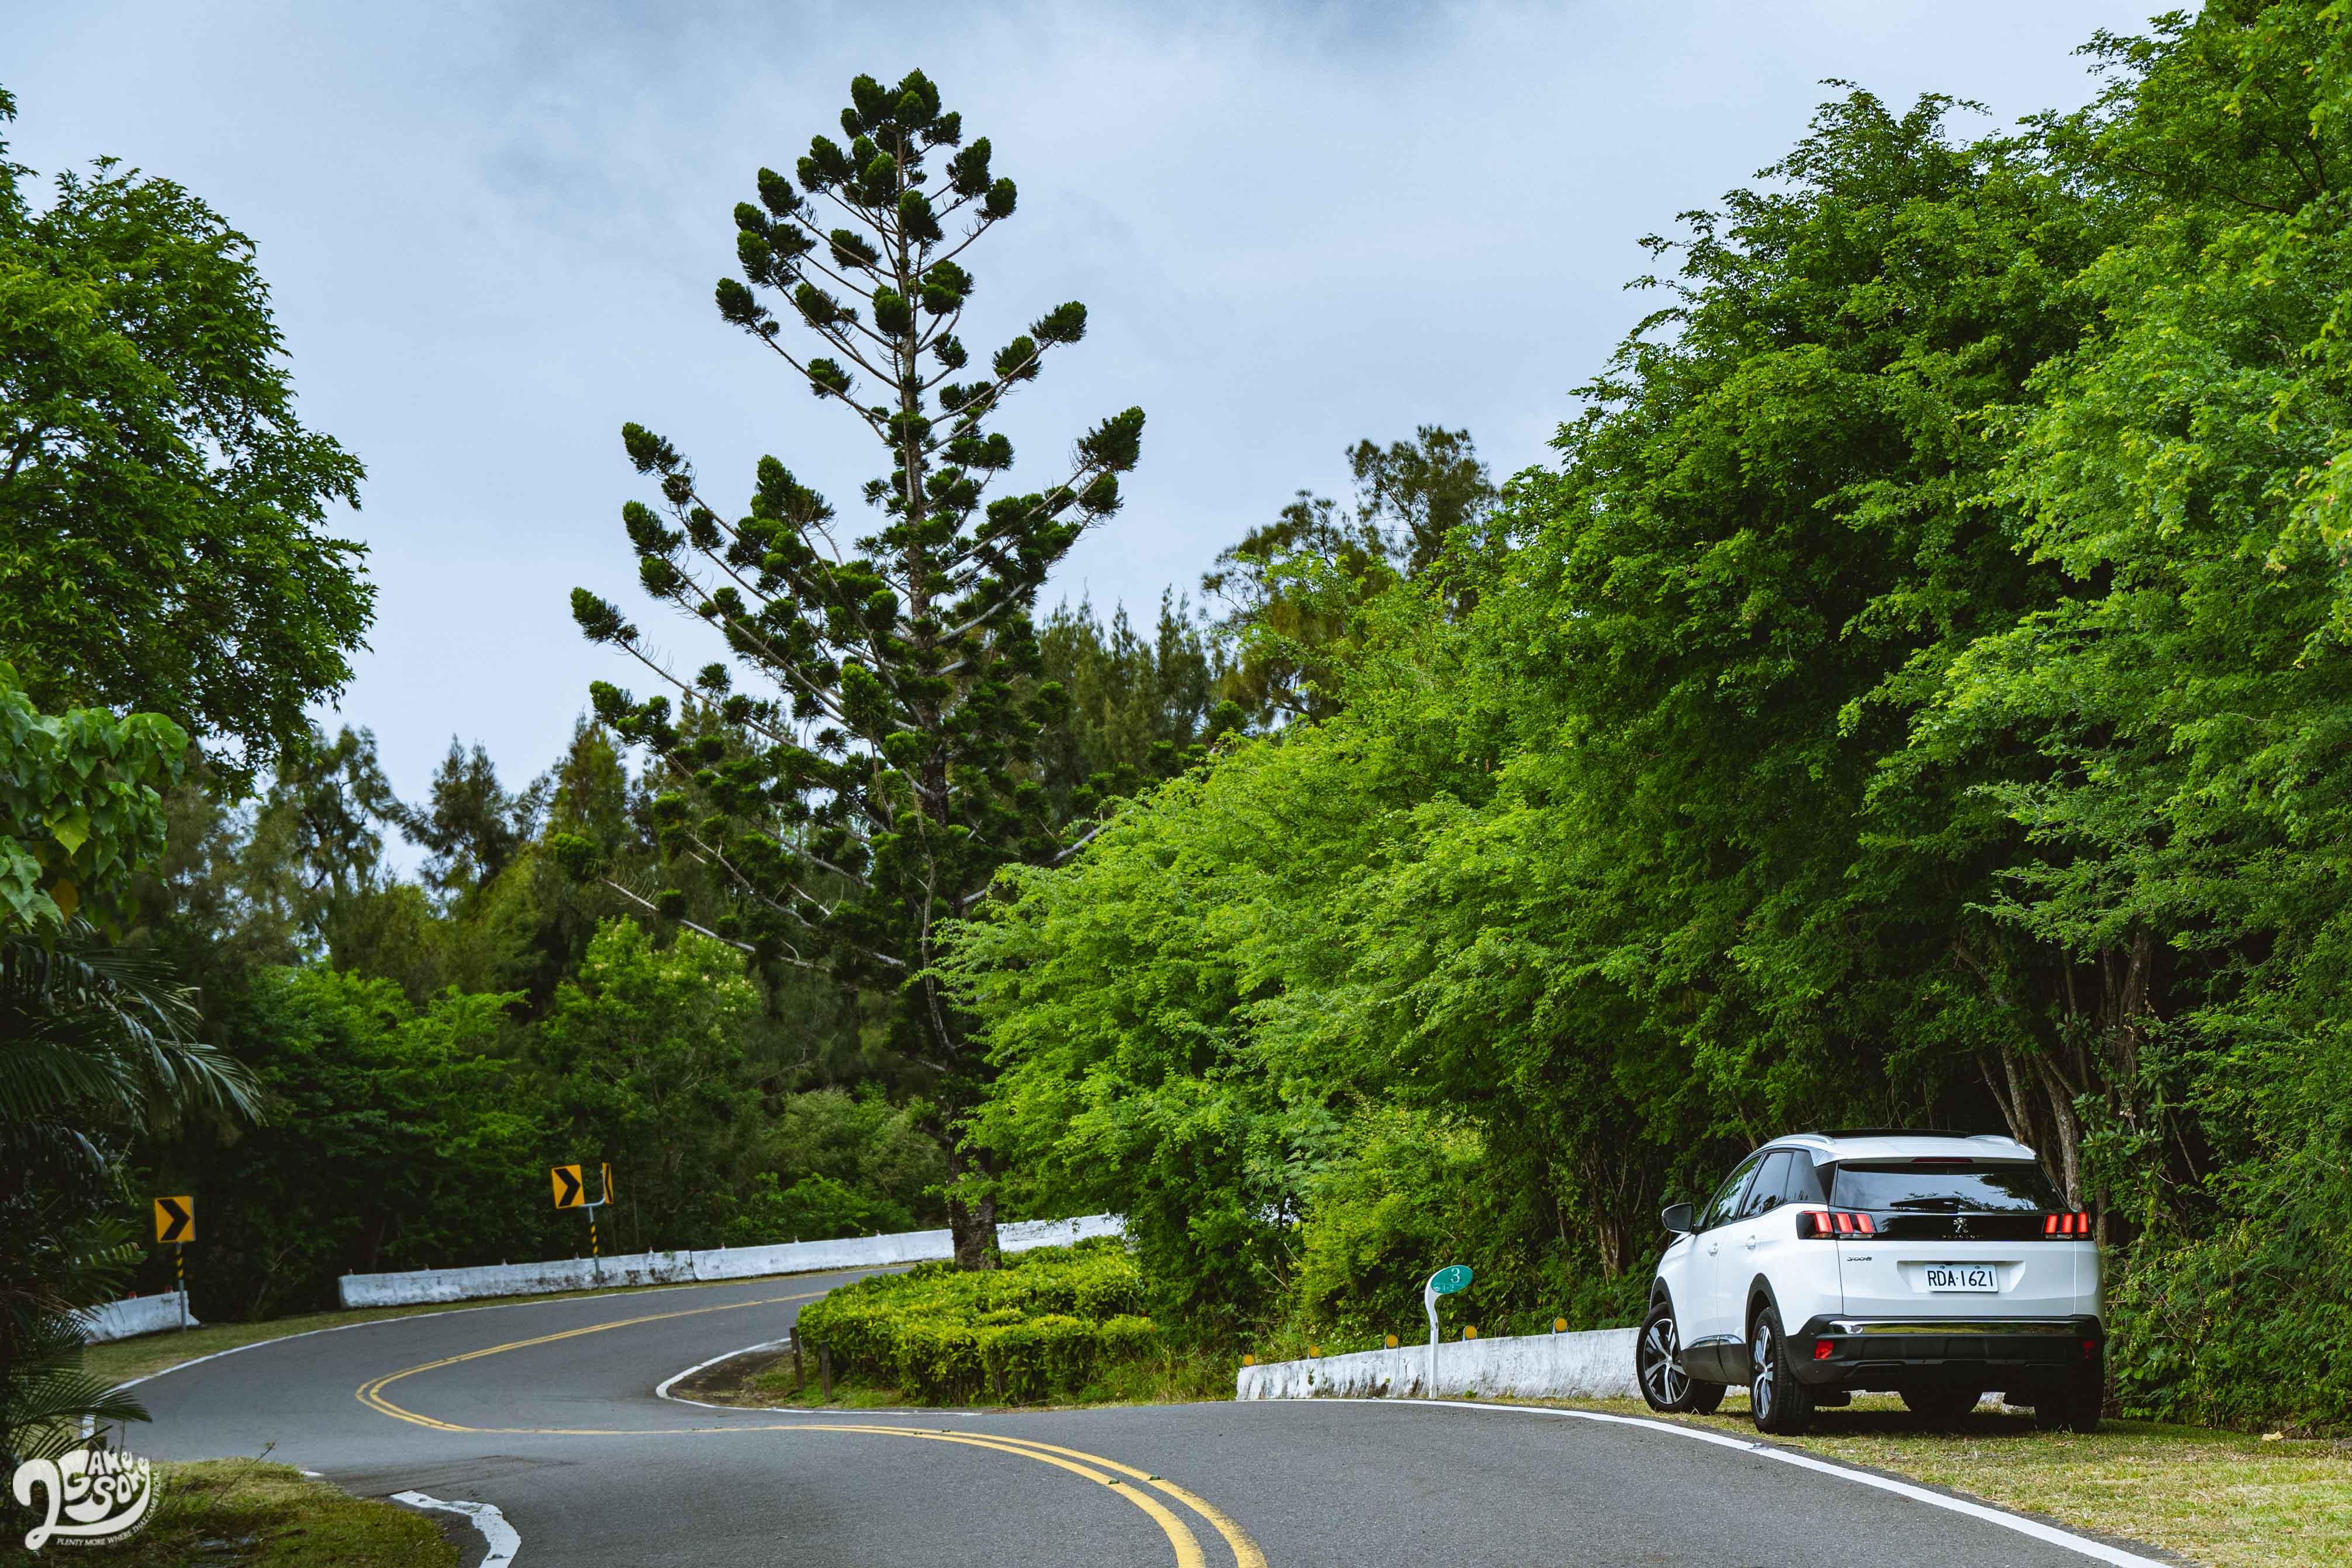 3008 擁有同級車罕見的行車質感和動態表現。